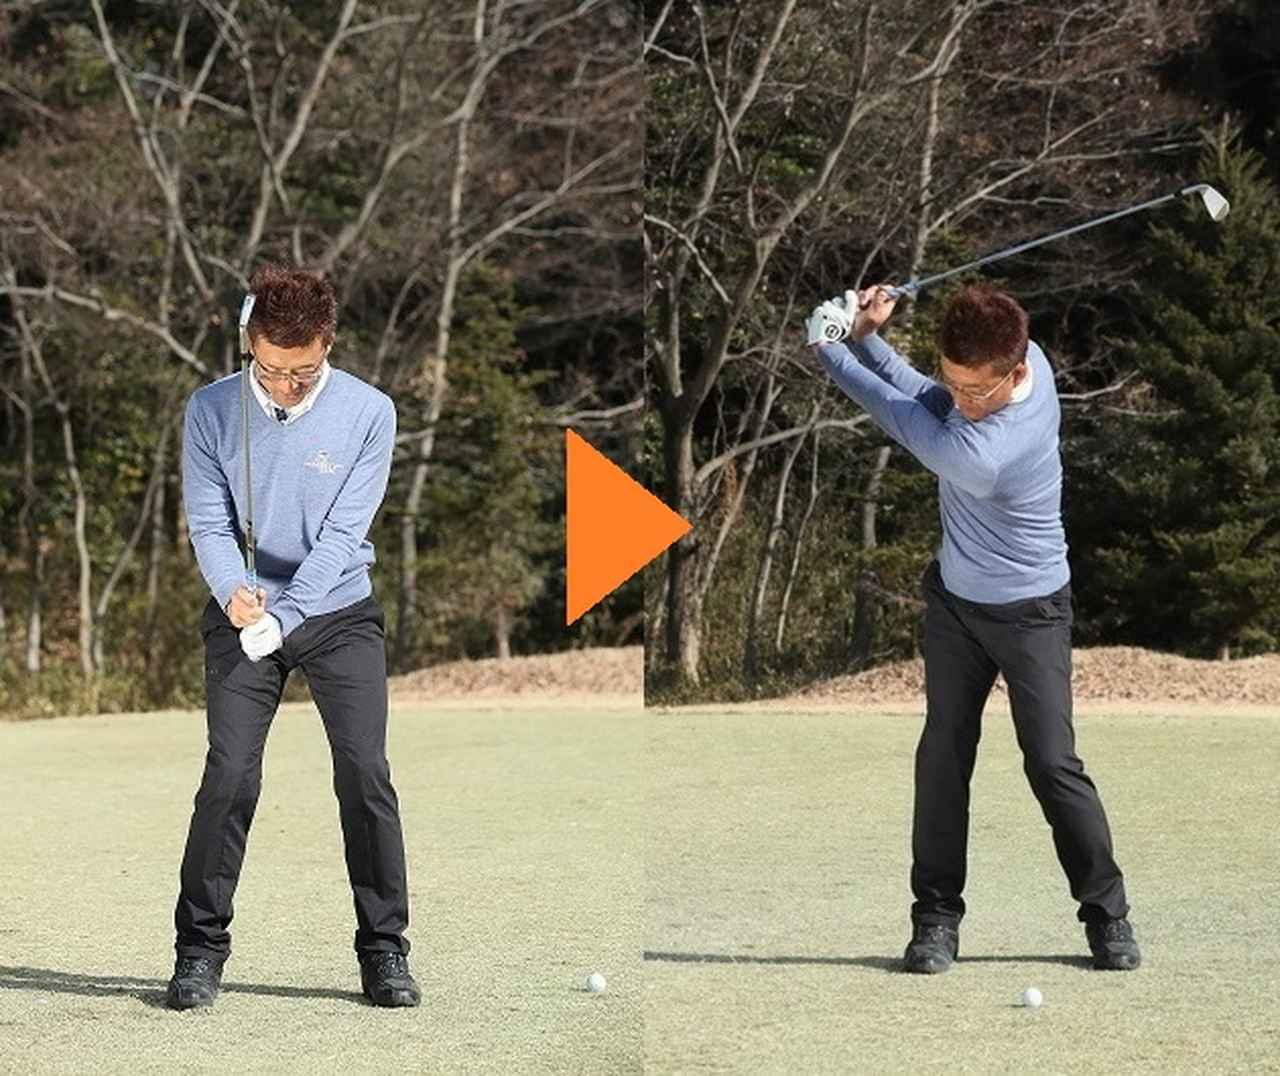 画像: これが「最新」テークバック! やさしくなったレッドベターの新理論「Aスウィング」 - みんなのゴルフダイジェスト